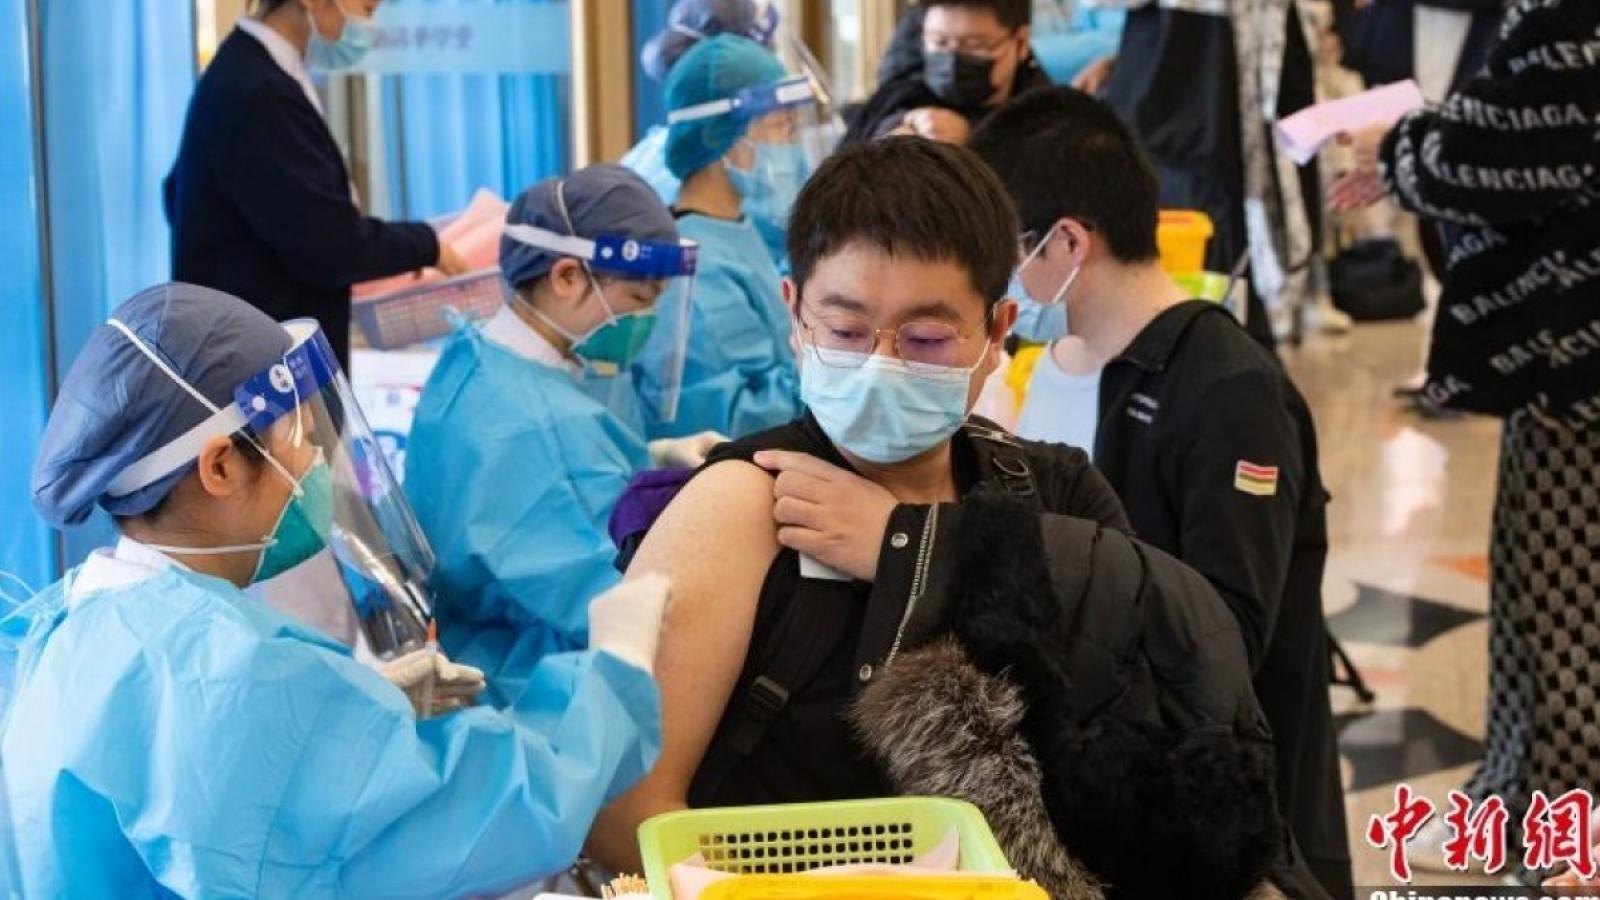 Gần 7 triệu người Bắc Kinh (Trung Quốc) đã được tiêm vaccineCovid-19